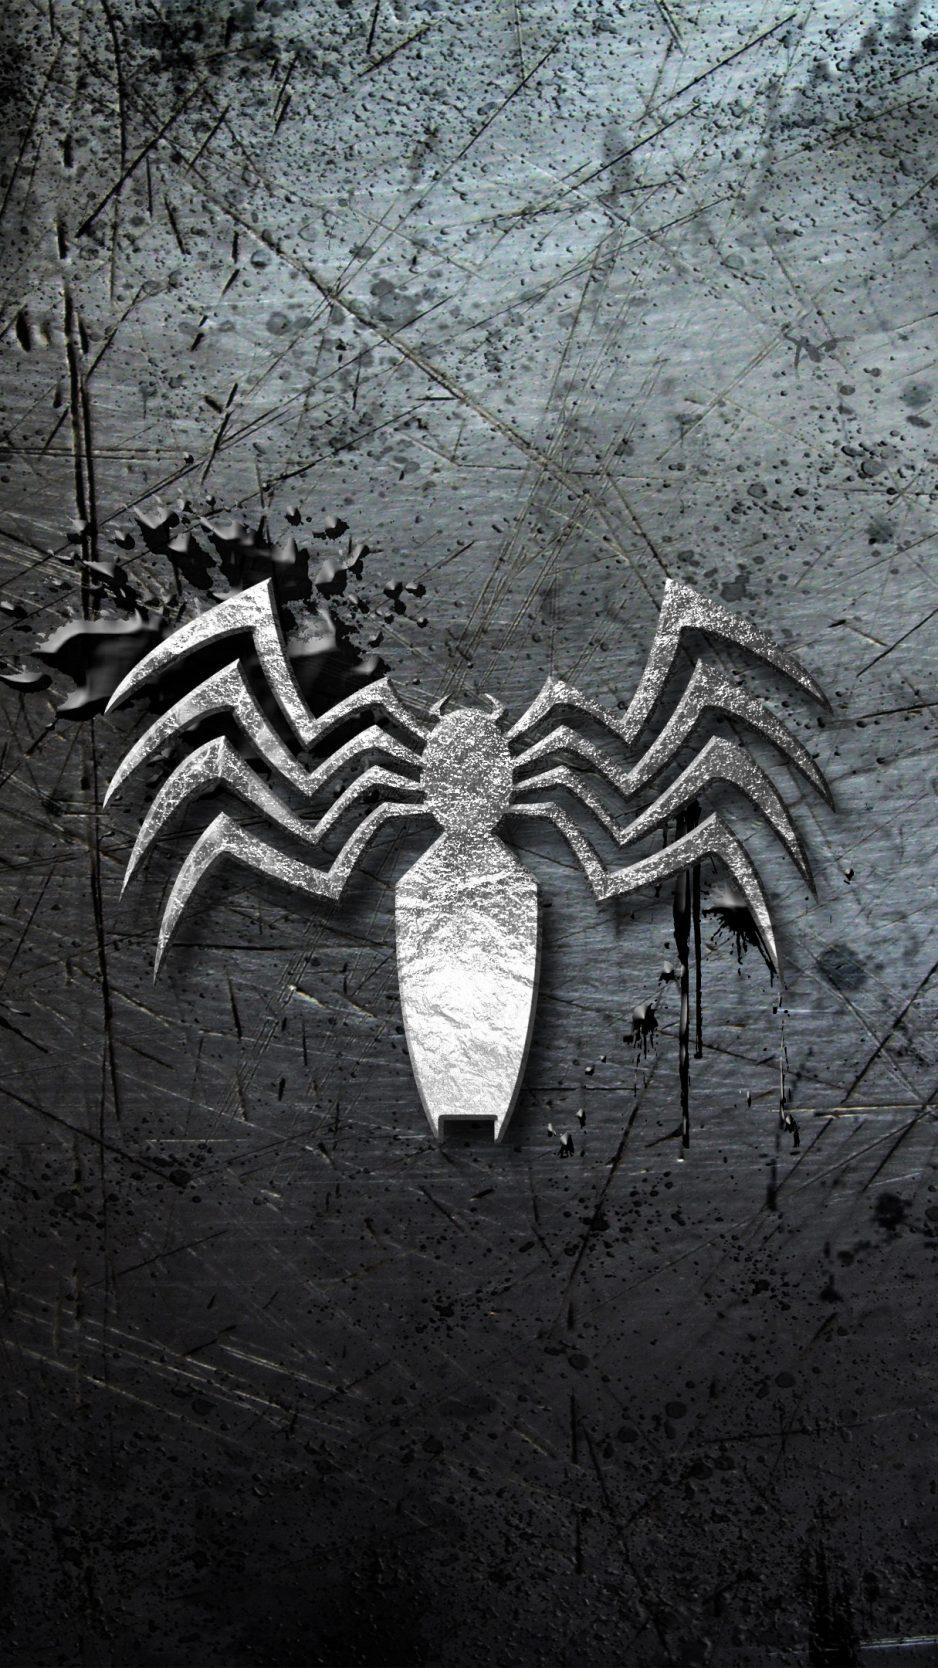 Venom movie spider poster 4k wallpaper best wallpapers - 4k girl wallpaper for iphone ...